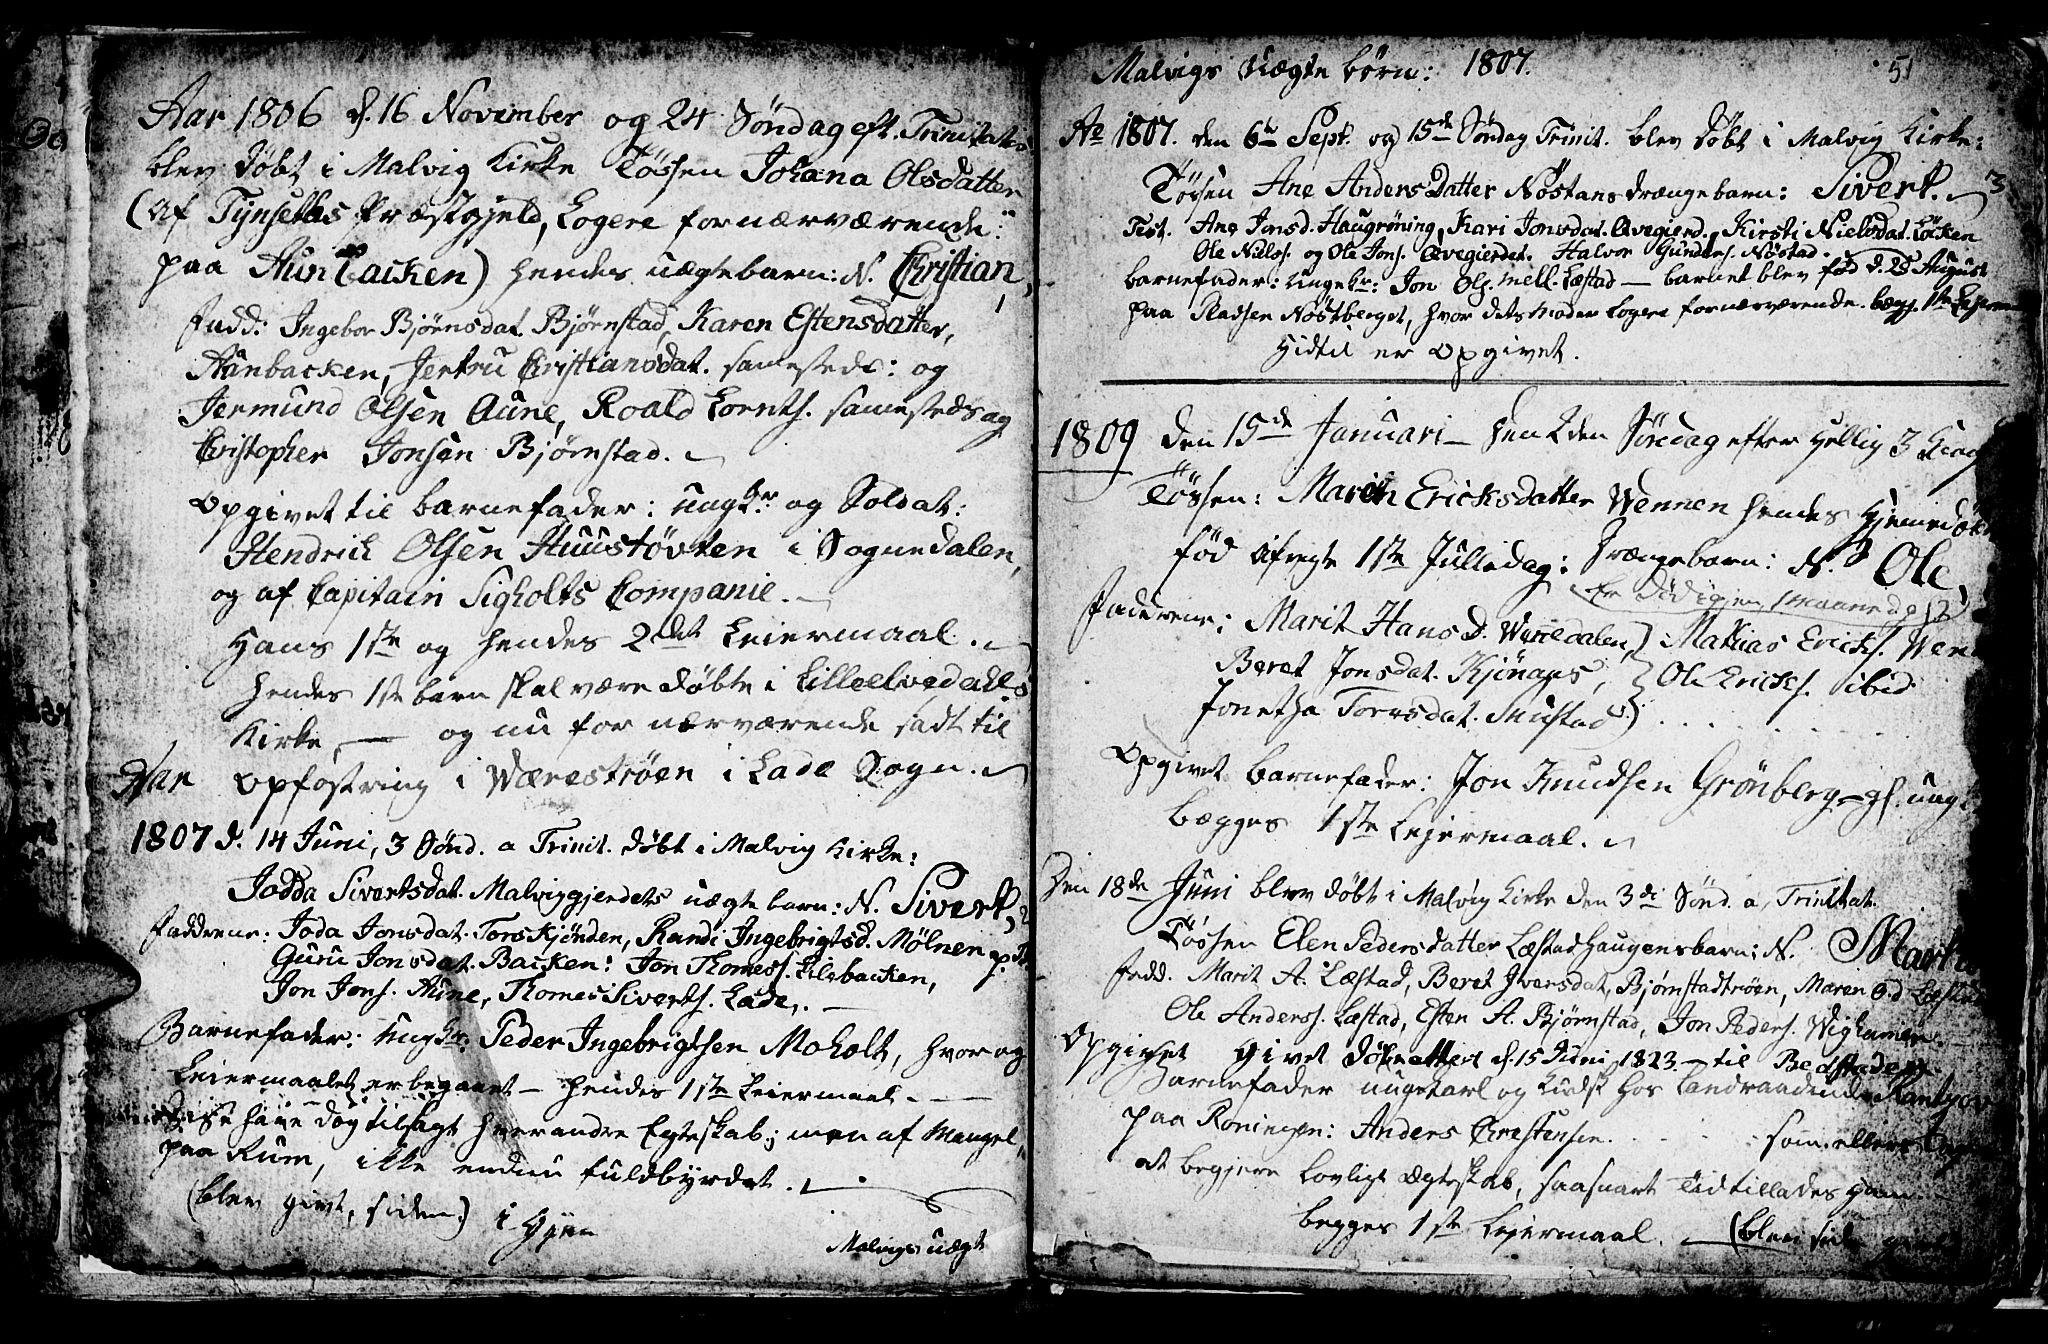 SAT, Ministerialprotokoller, klokkerbøker og fødselsregistre - Sør-Trøndelag, 616/L0419: Klokkerbok nr. 616C02, 1797-1816, s. 51